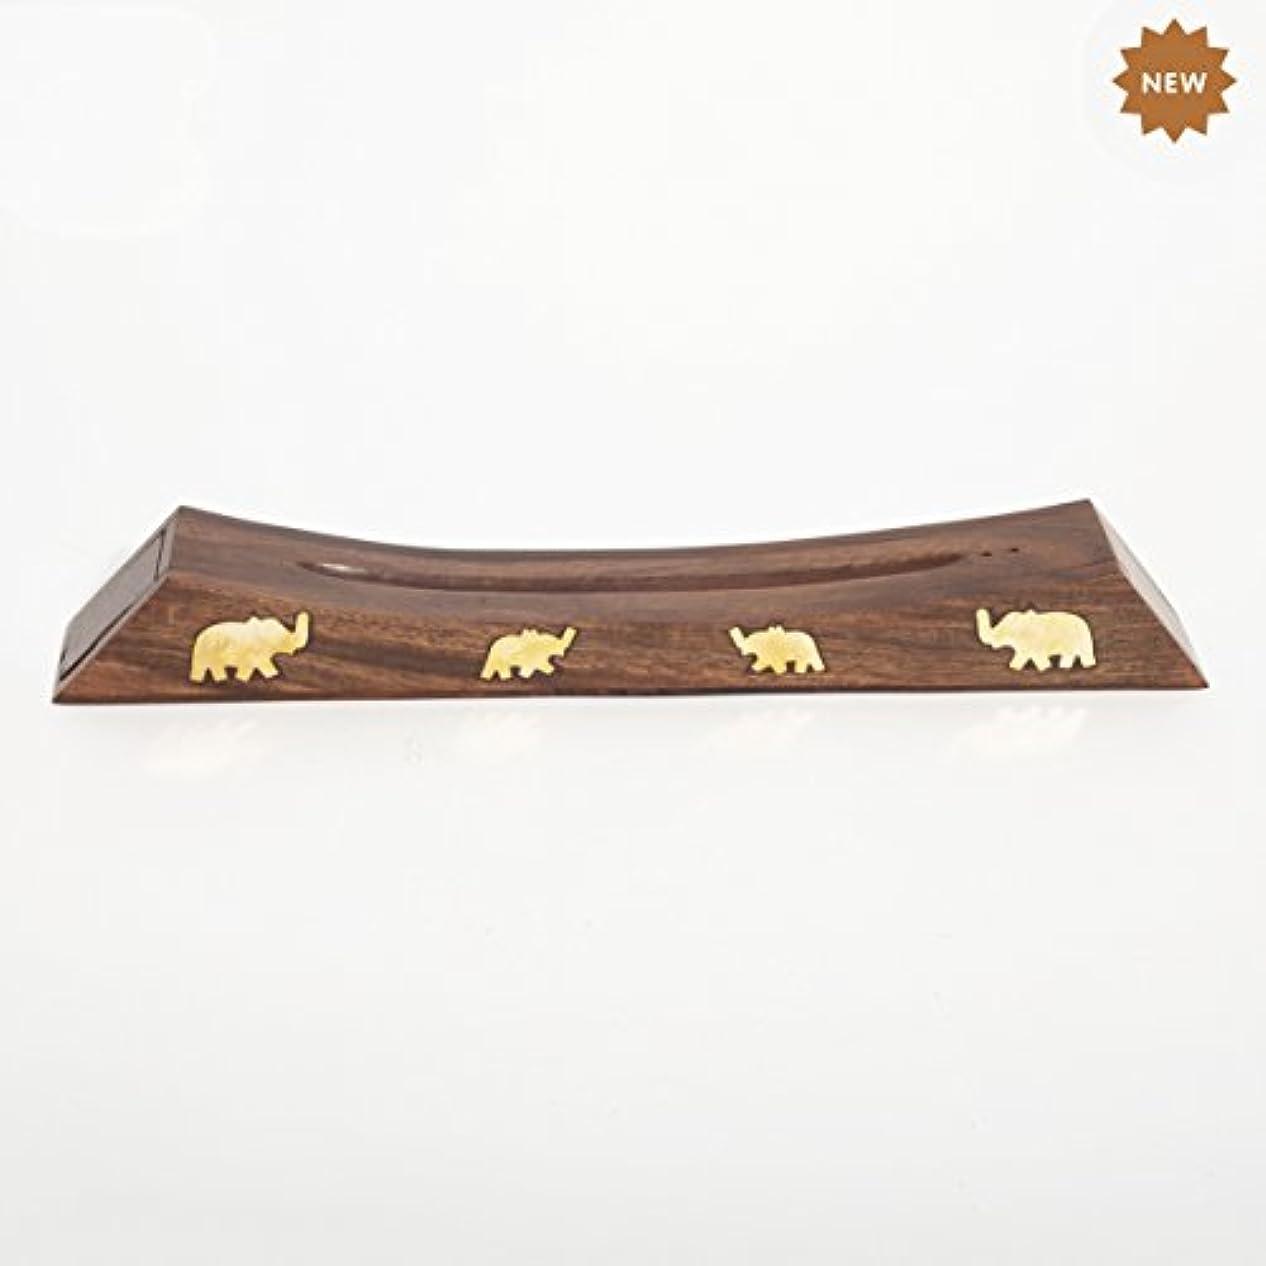 土器キャンベラスマートRusticity 木製お香スタンド お香スティック 収納スロット付き 象の真鍮インレー ハンドメイド 12.4x1.6インチ